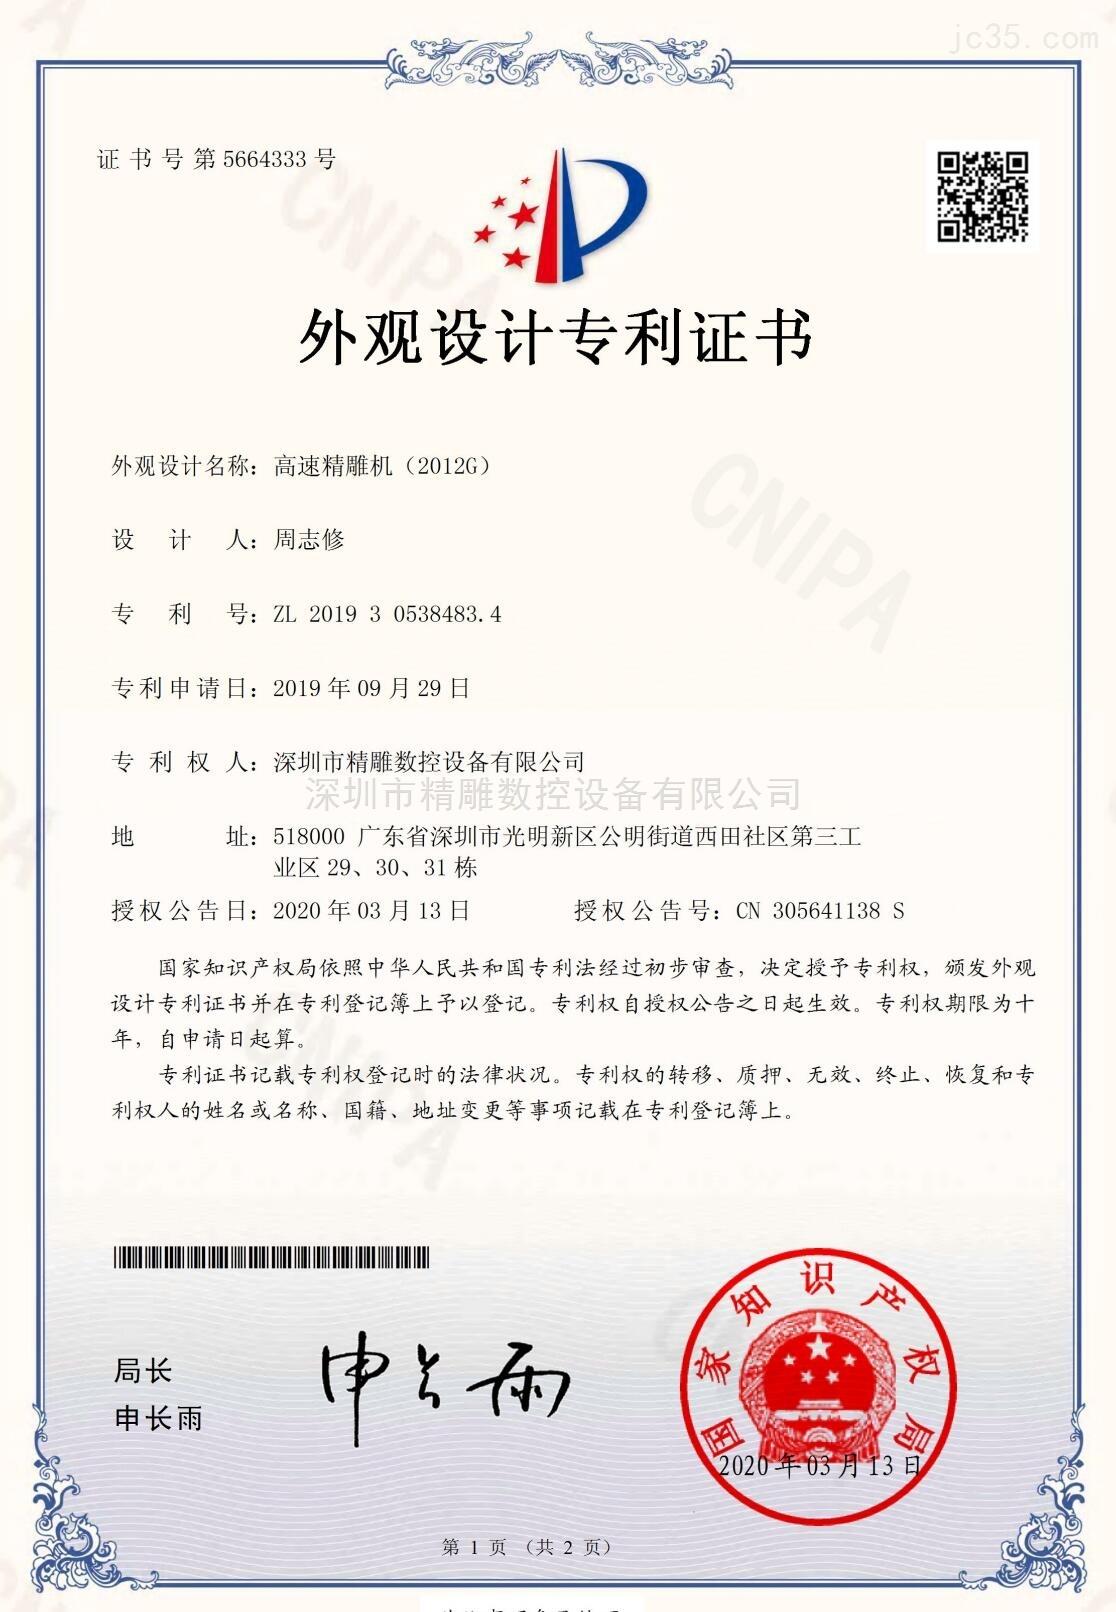 外观设计专利证书-高速精雕机(2012G)